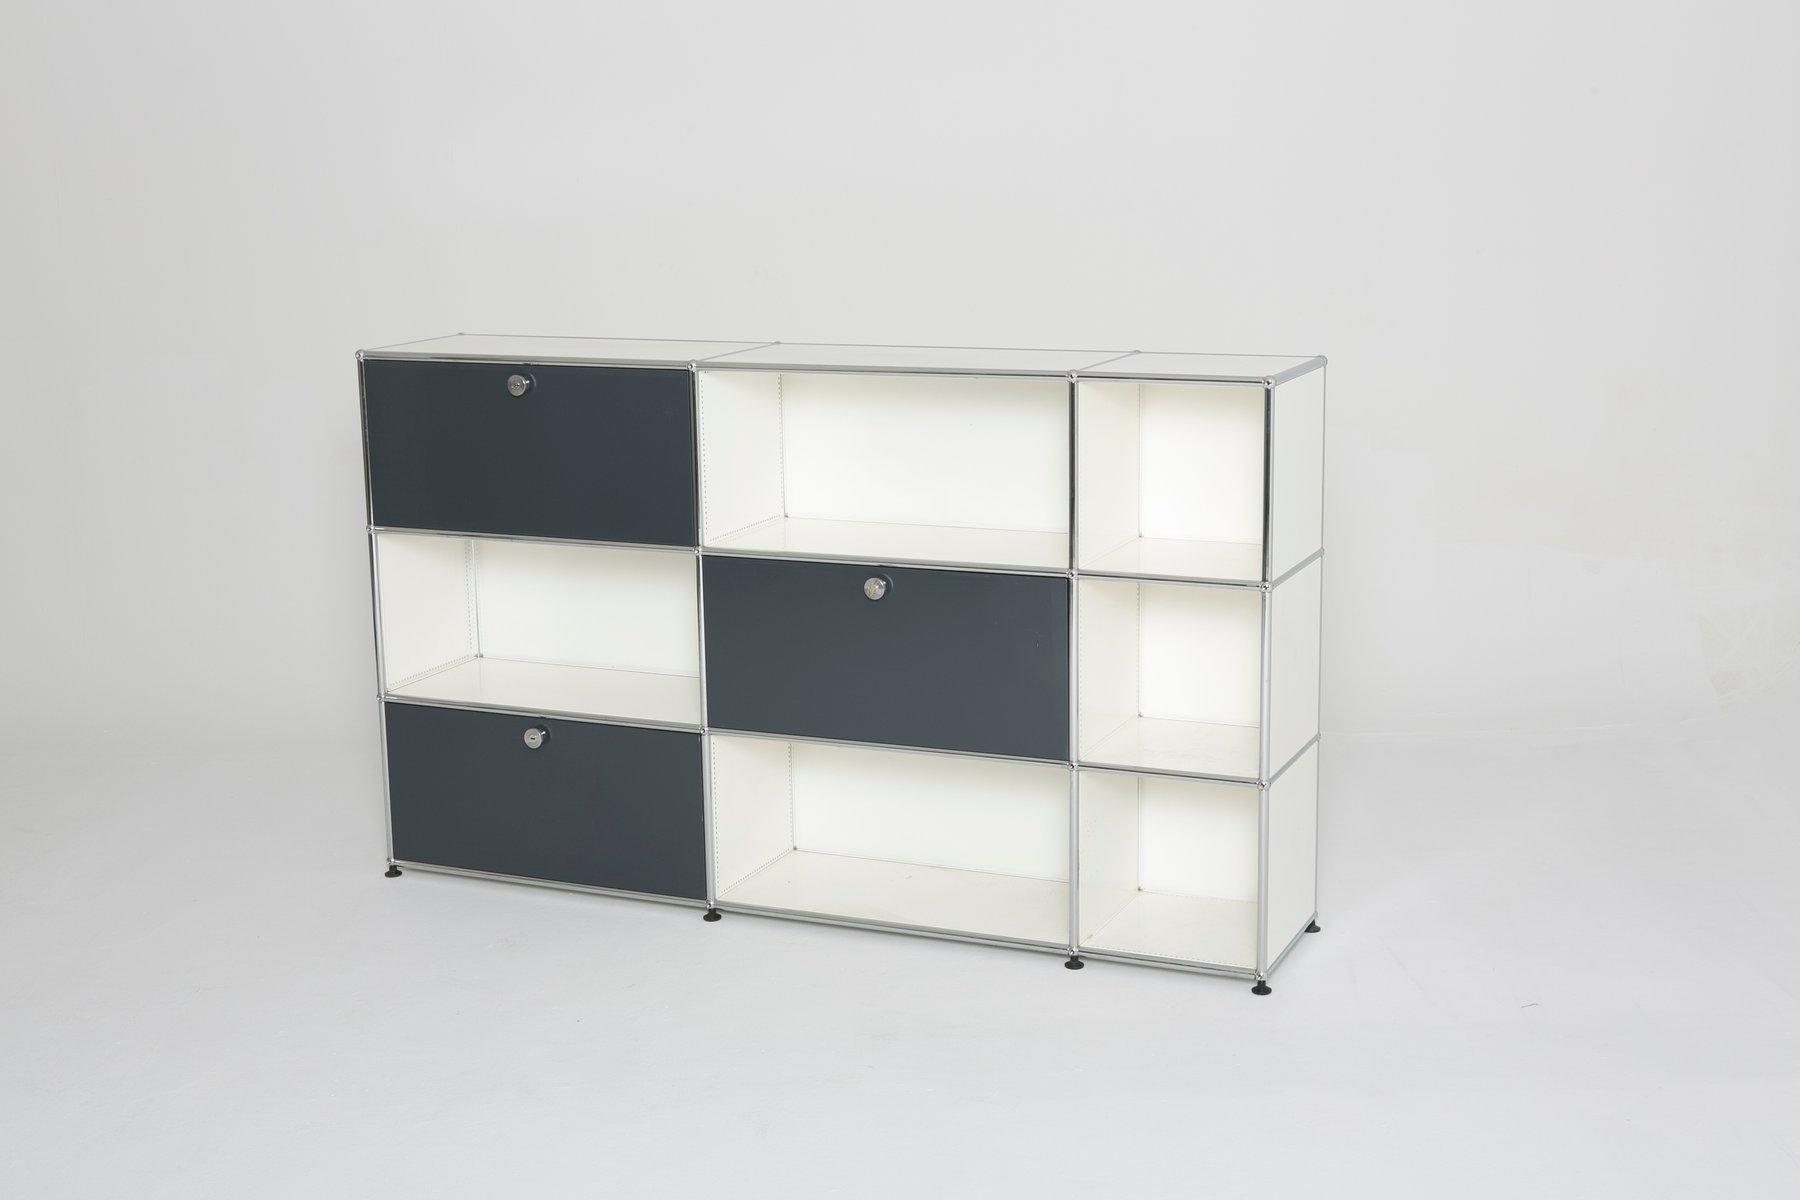 vintage schrank in wei und grau von usm haller bei pamono kaufen. Black Bedroom Furniture Sets. Home Design Ideas